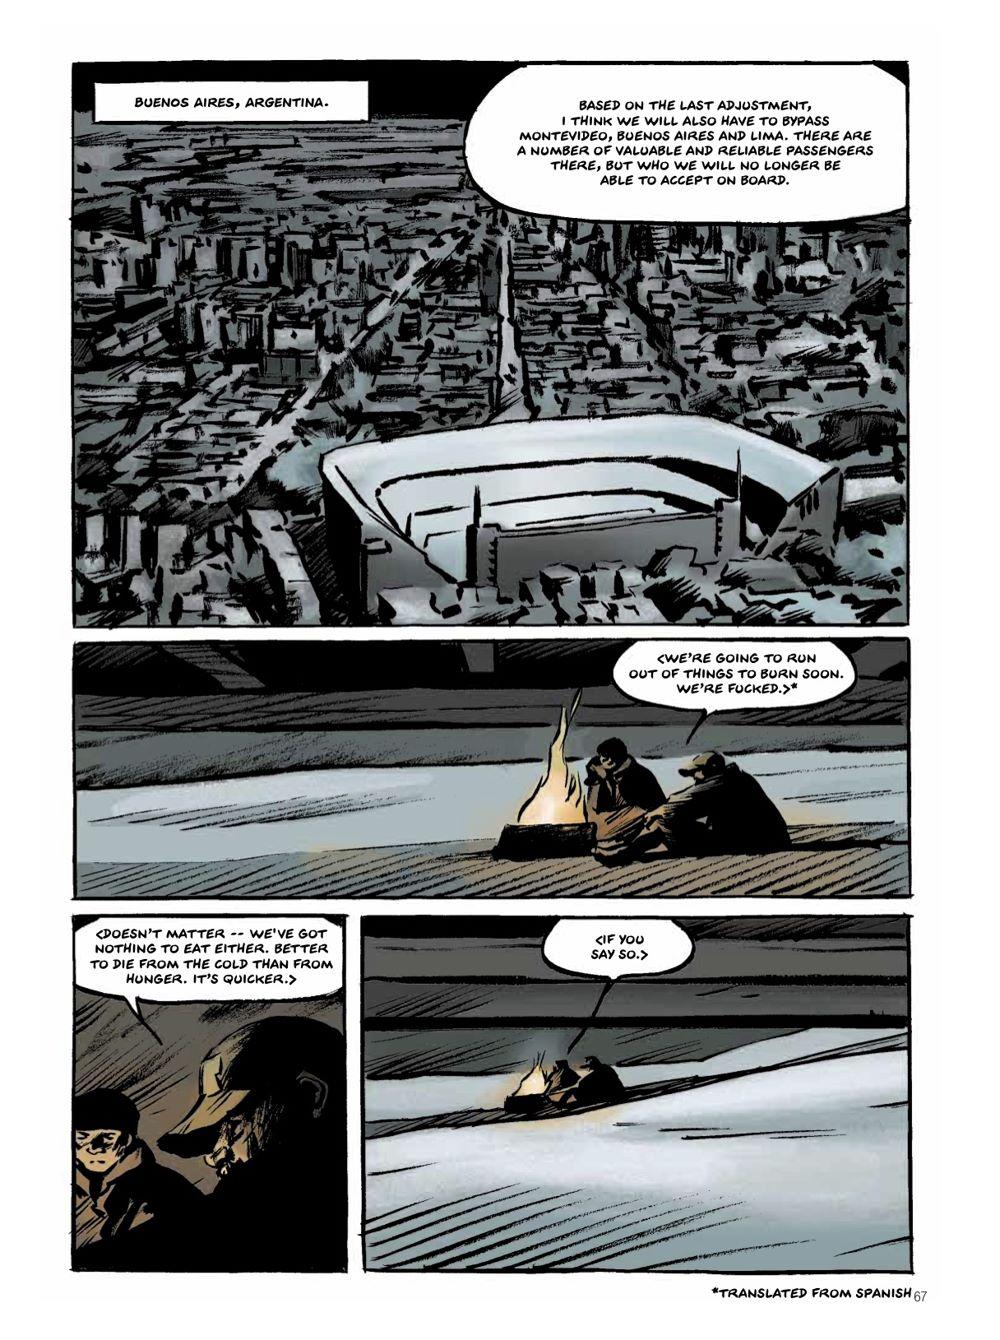 Snowpiercer-Prequel-Vol.-2-Page-6 ComicList Previews: SNOWPIERCER THE PREQUEL VOLUME 2 APOCALYPSE GN